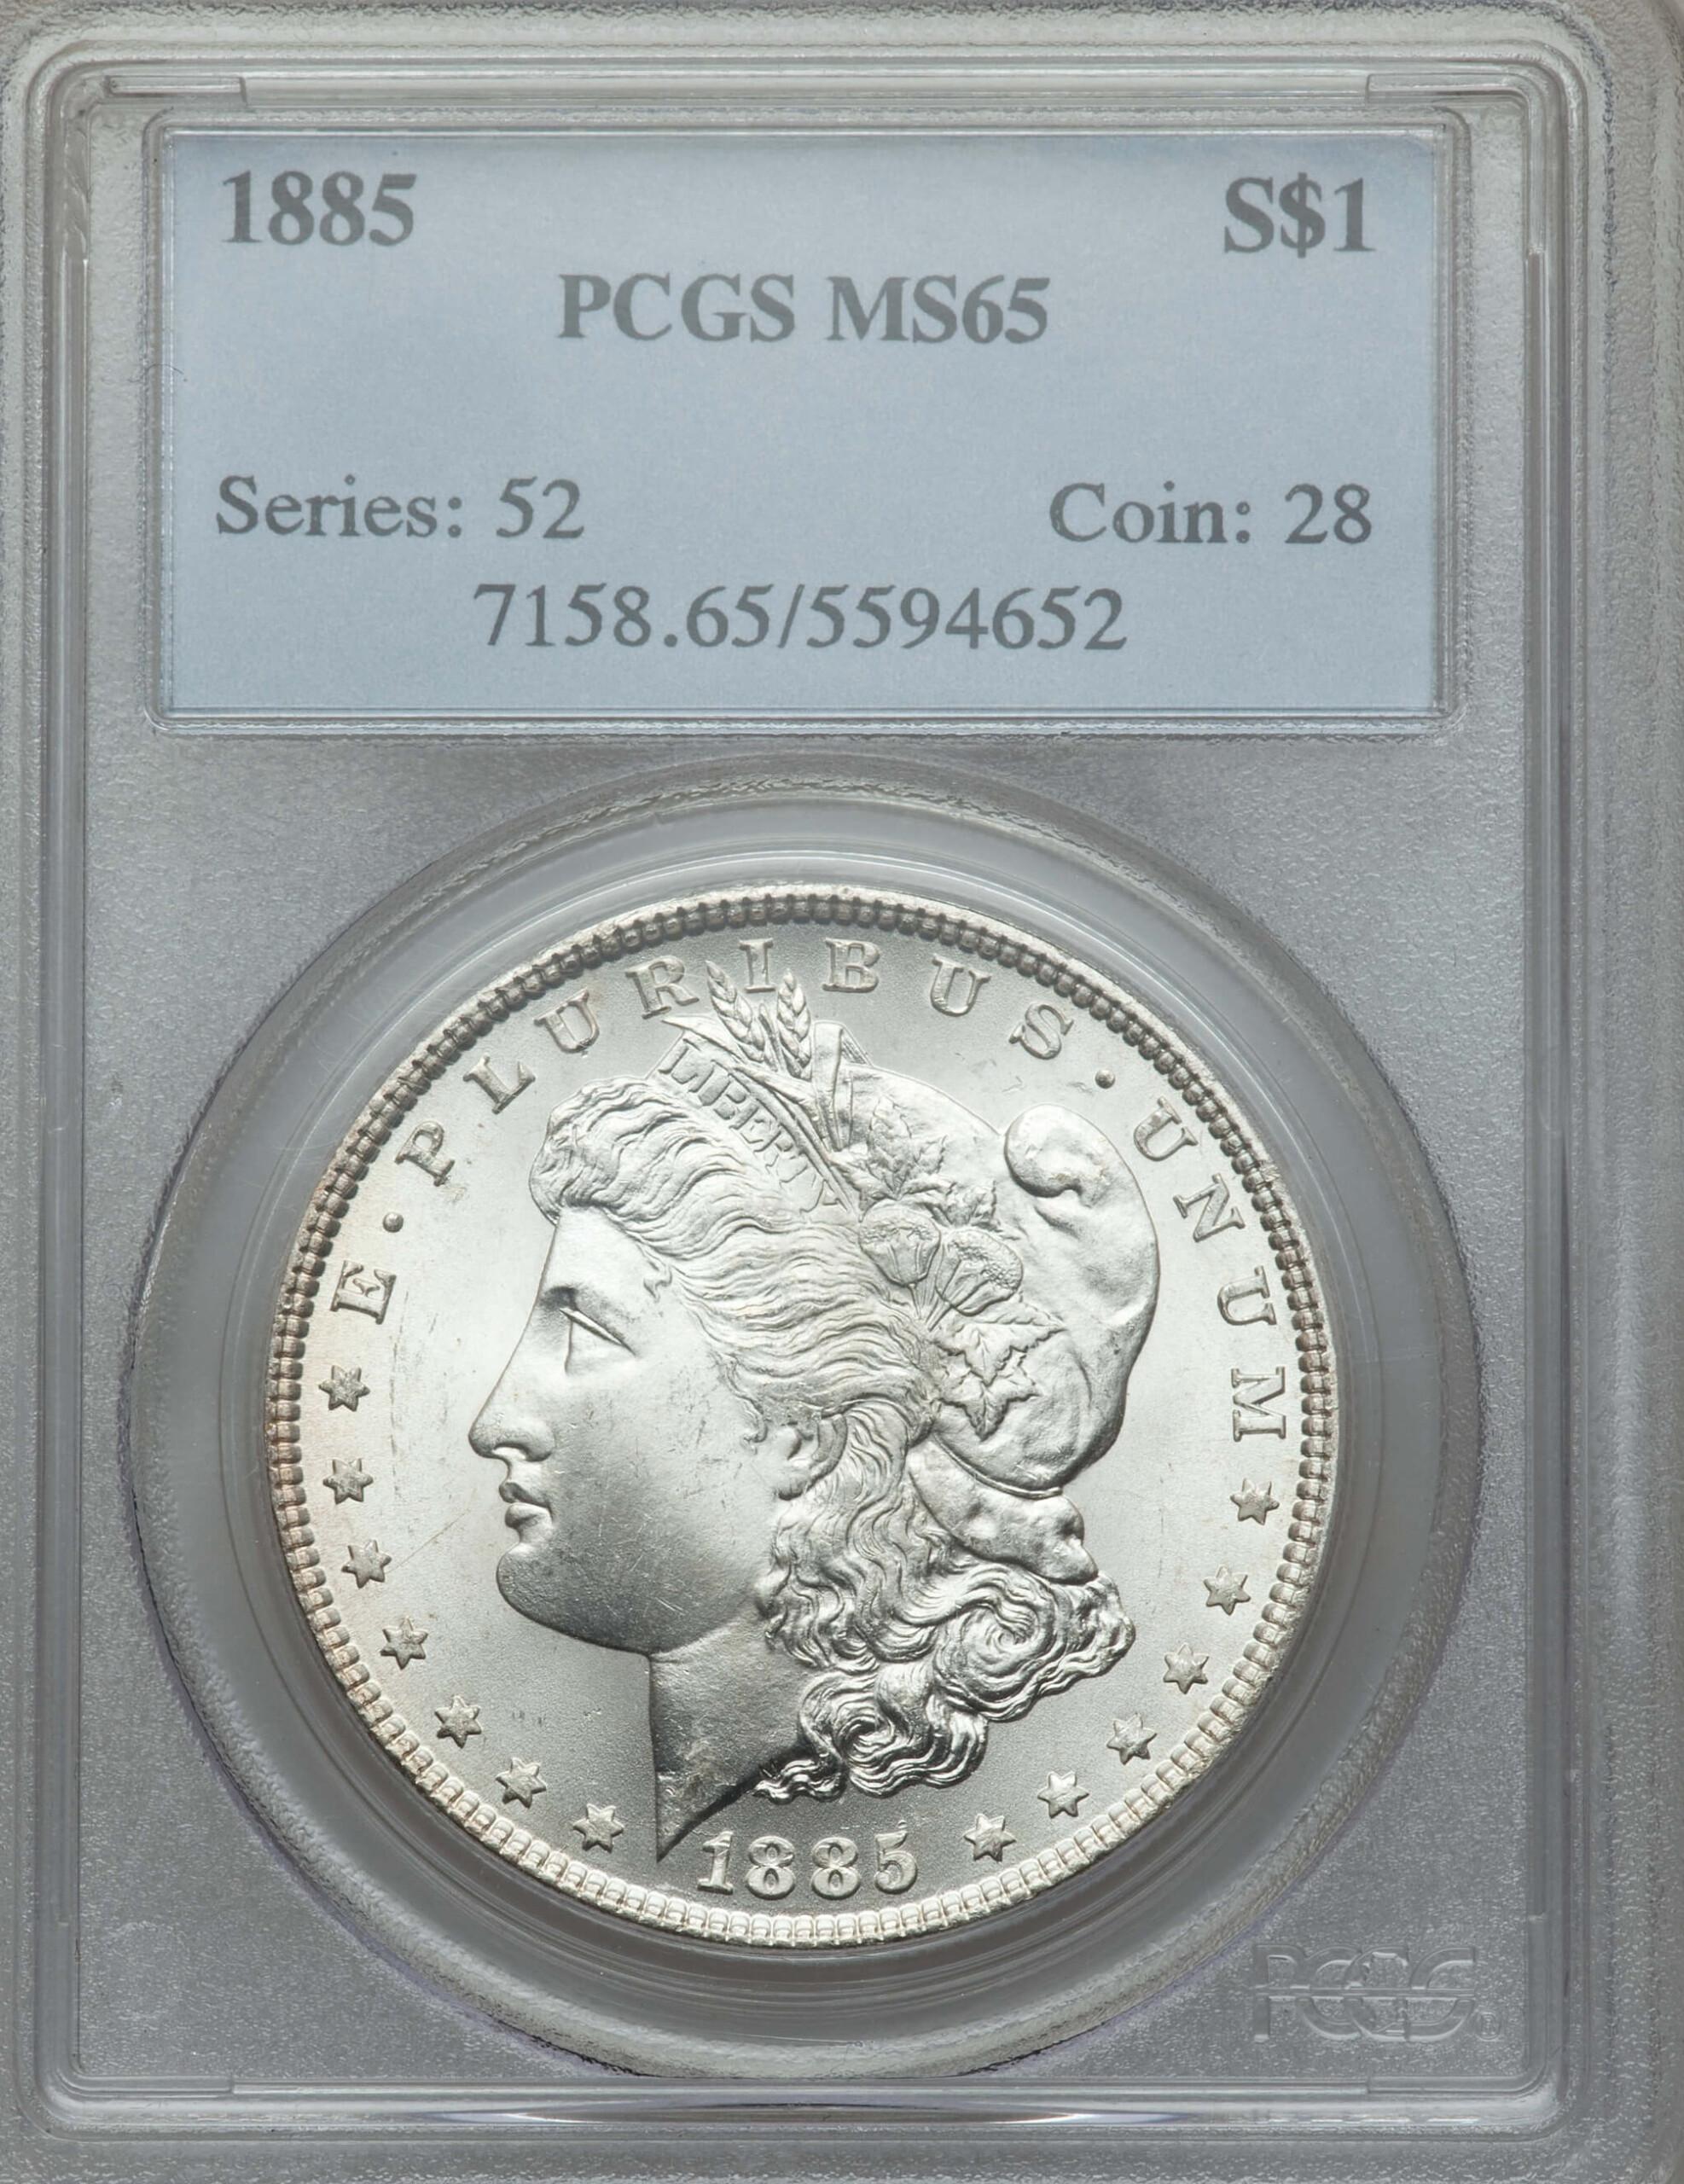 1885 S$1 65 PCGS